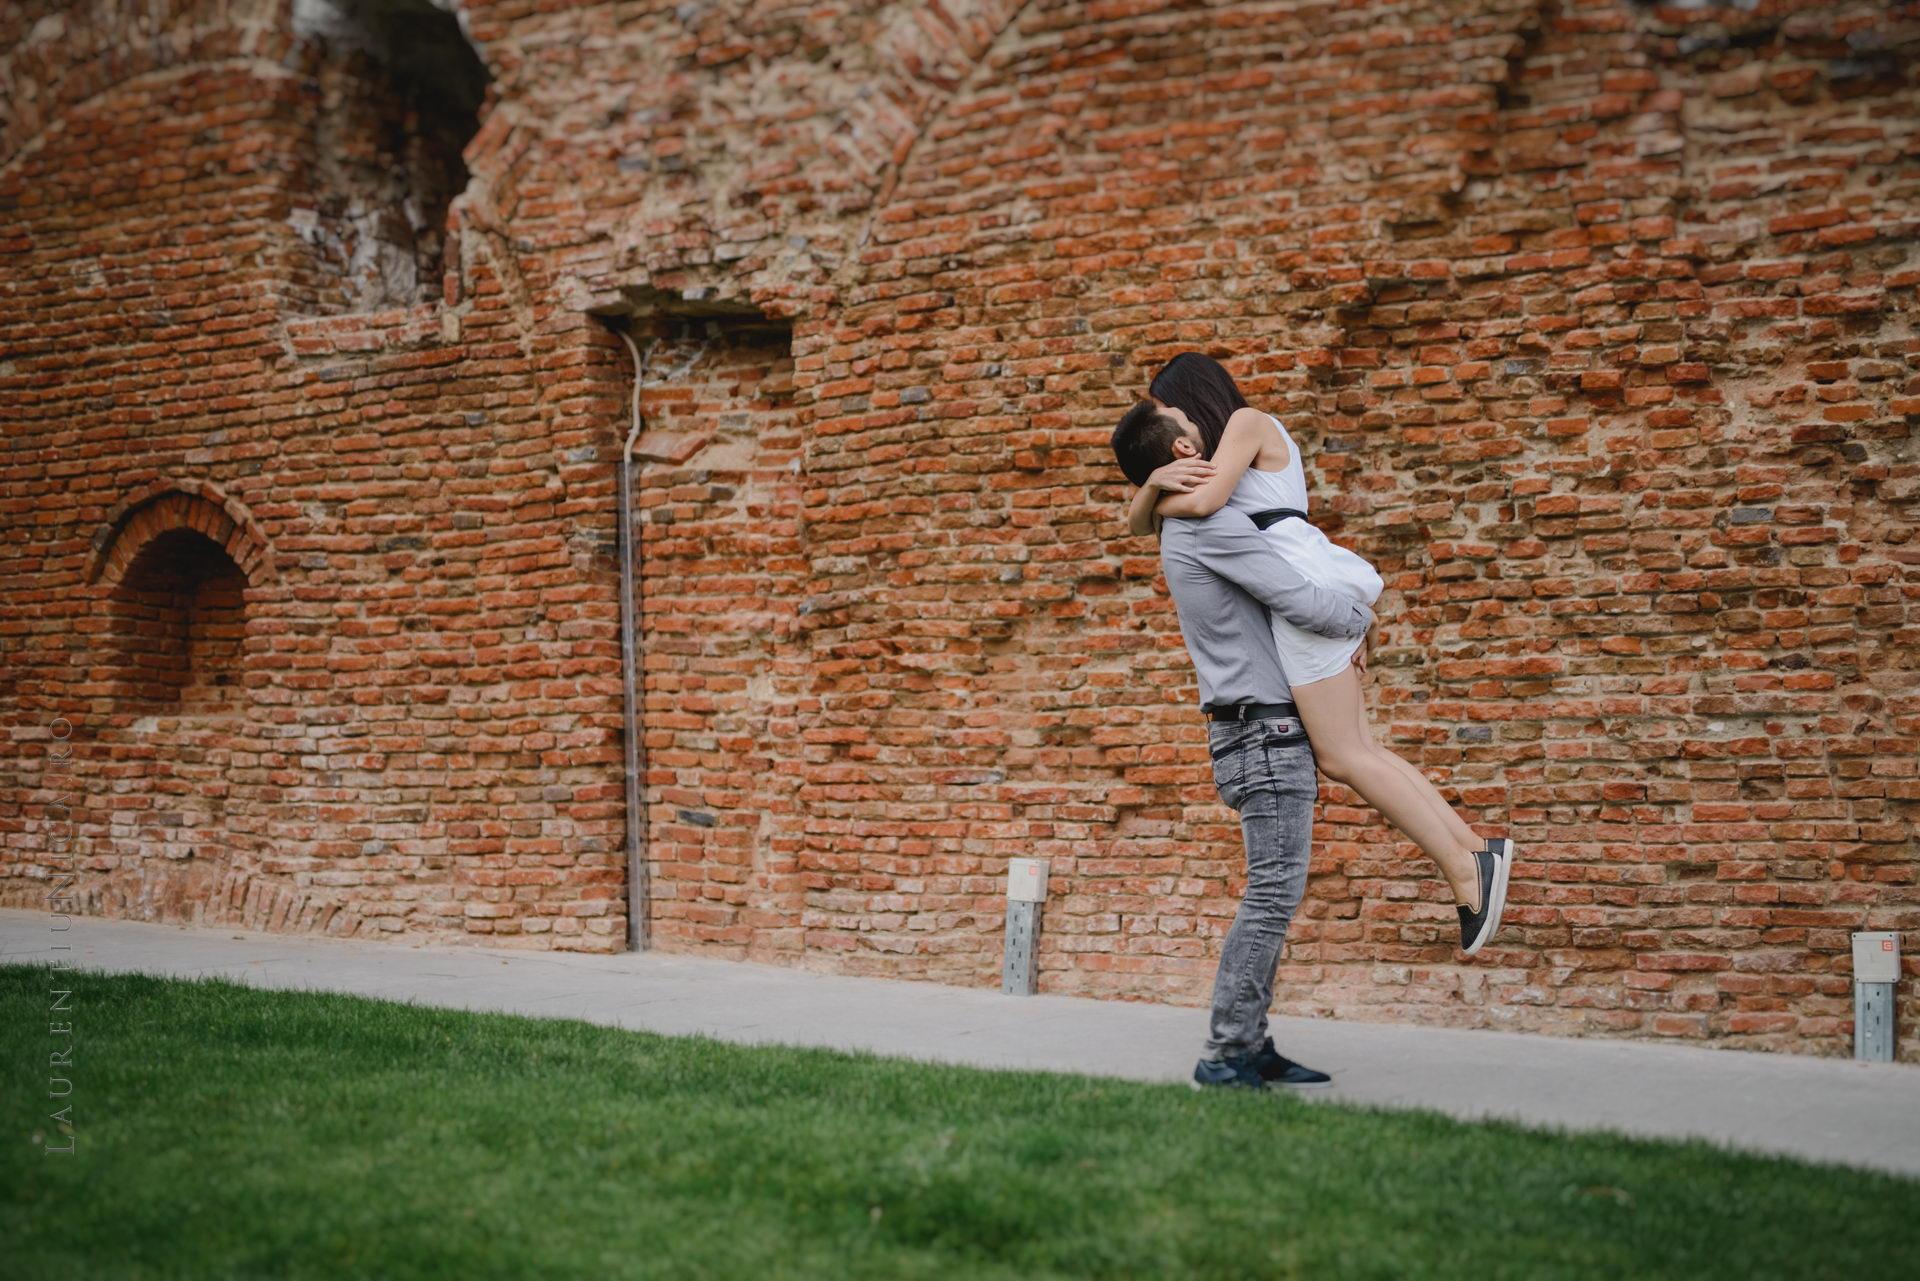 sedinta foto save the date fotograf laurentiu nica craiova 07 - Ramona & Marius | Sedinta foto Save the Date